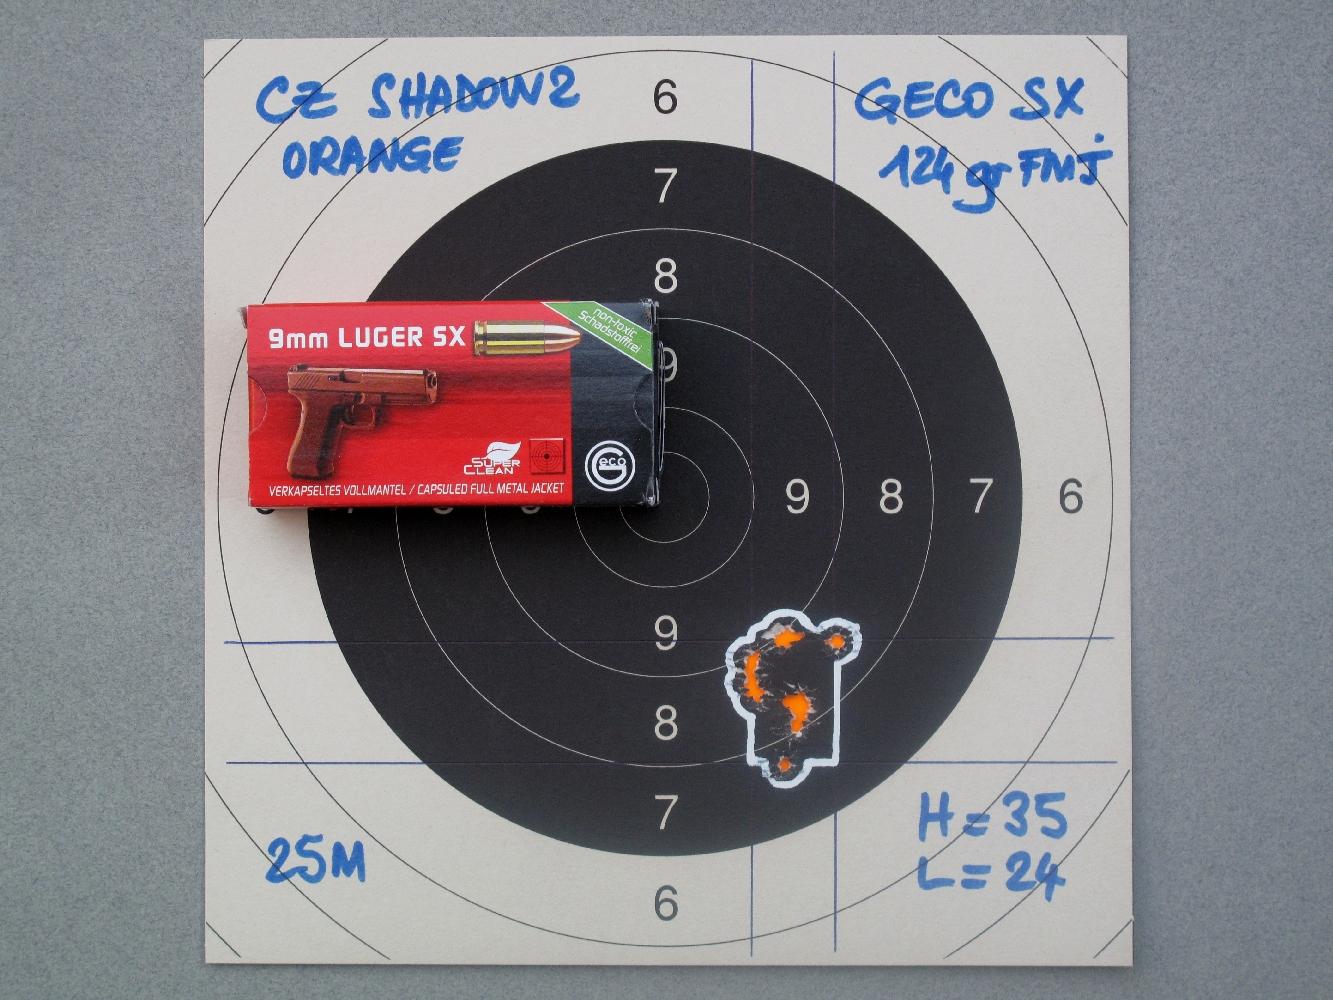 Les groupements réalisés sur appui à la distance de vingt-cinq mètres démontrent la remarquable efficacité de la bague de bushing dont ce pistolet est muni.